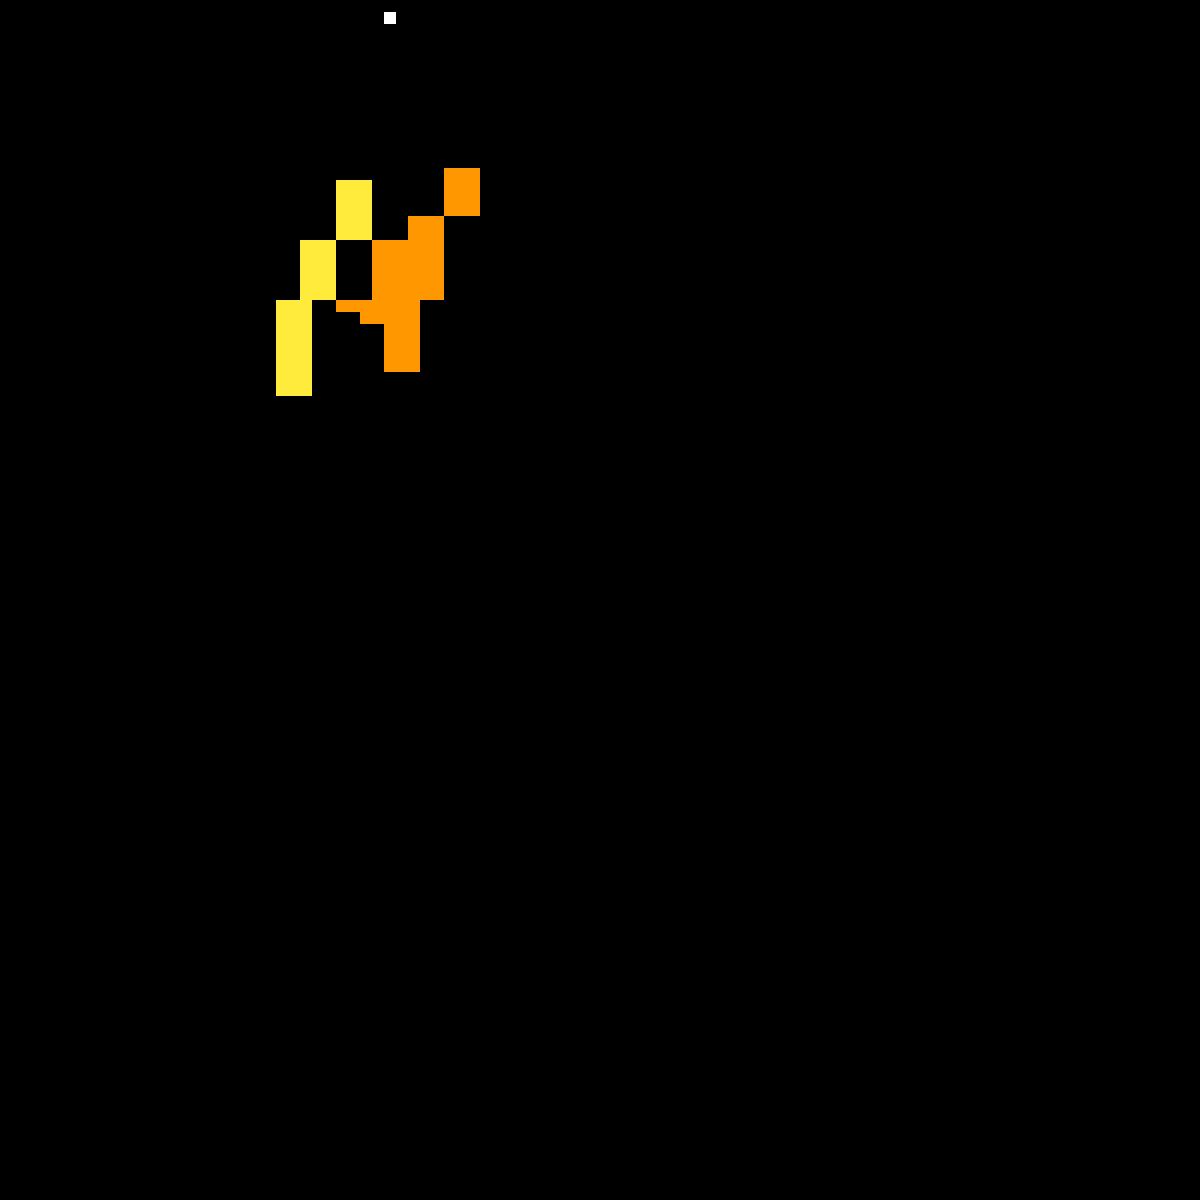 Pixilart - Prestonplayz fire logo by Anonymous